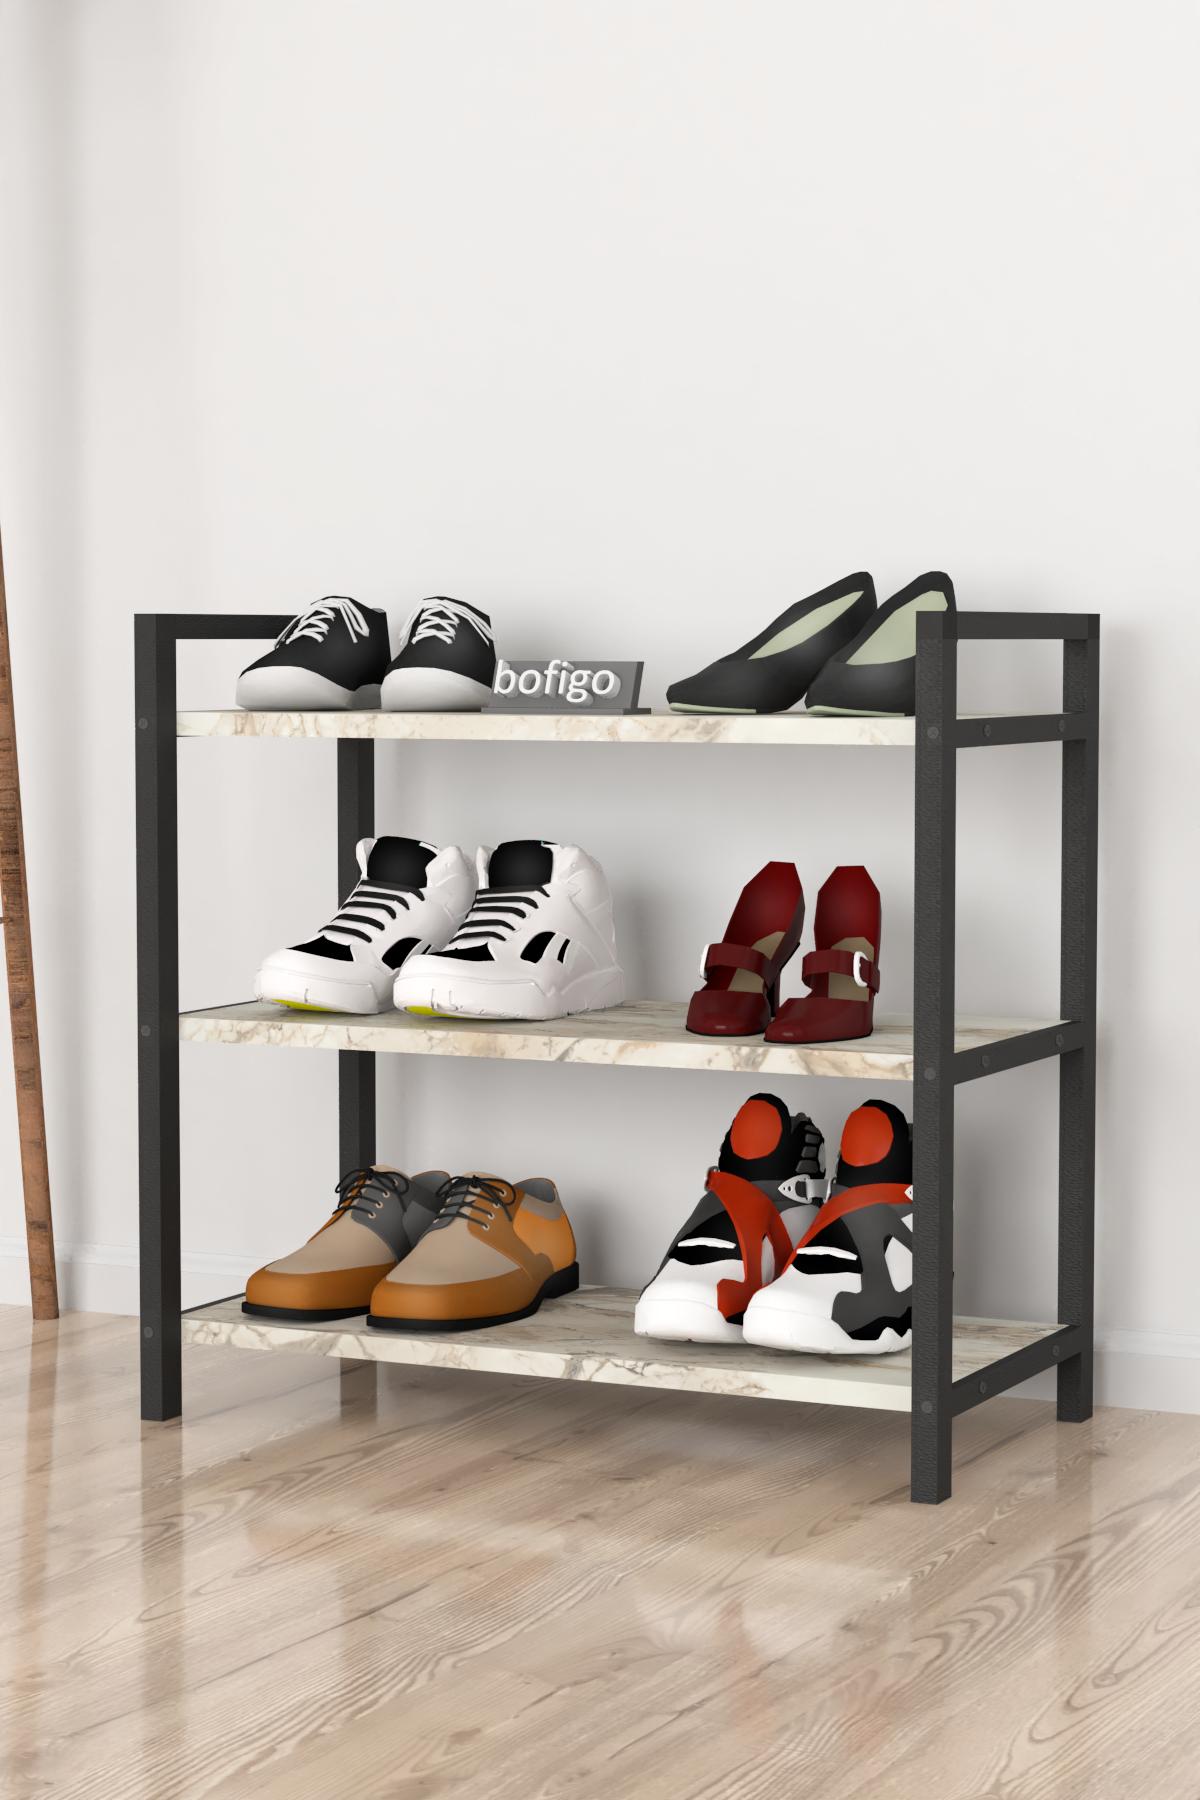 Bofigo Dekoratif 3 Raflı Ayakkabılık Metal Ayakkabılık Efes